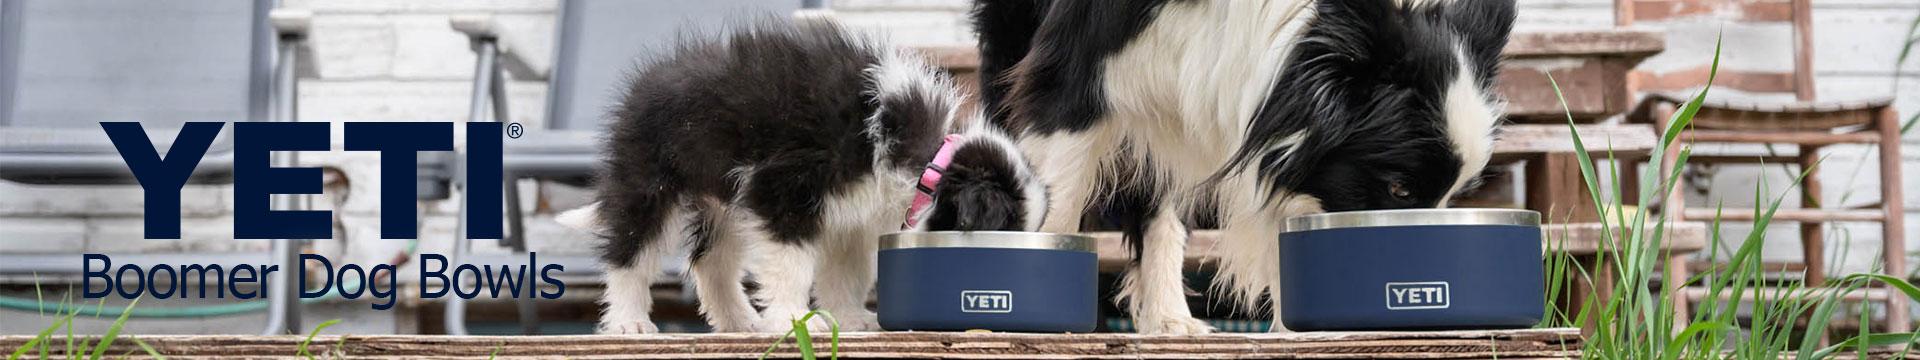 YETI Boomer Dog Bowl